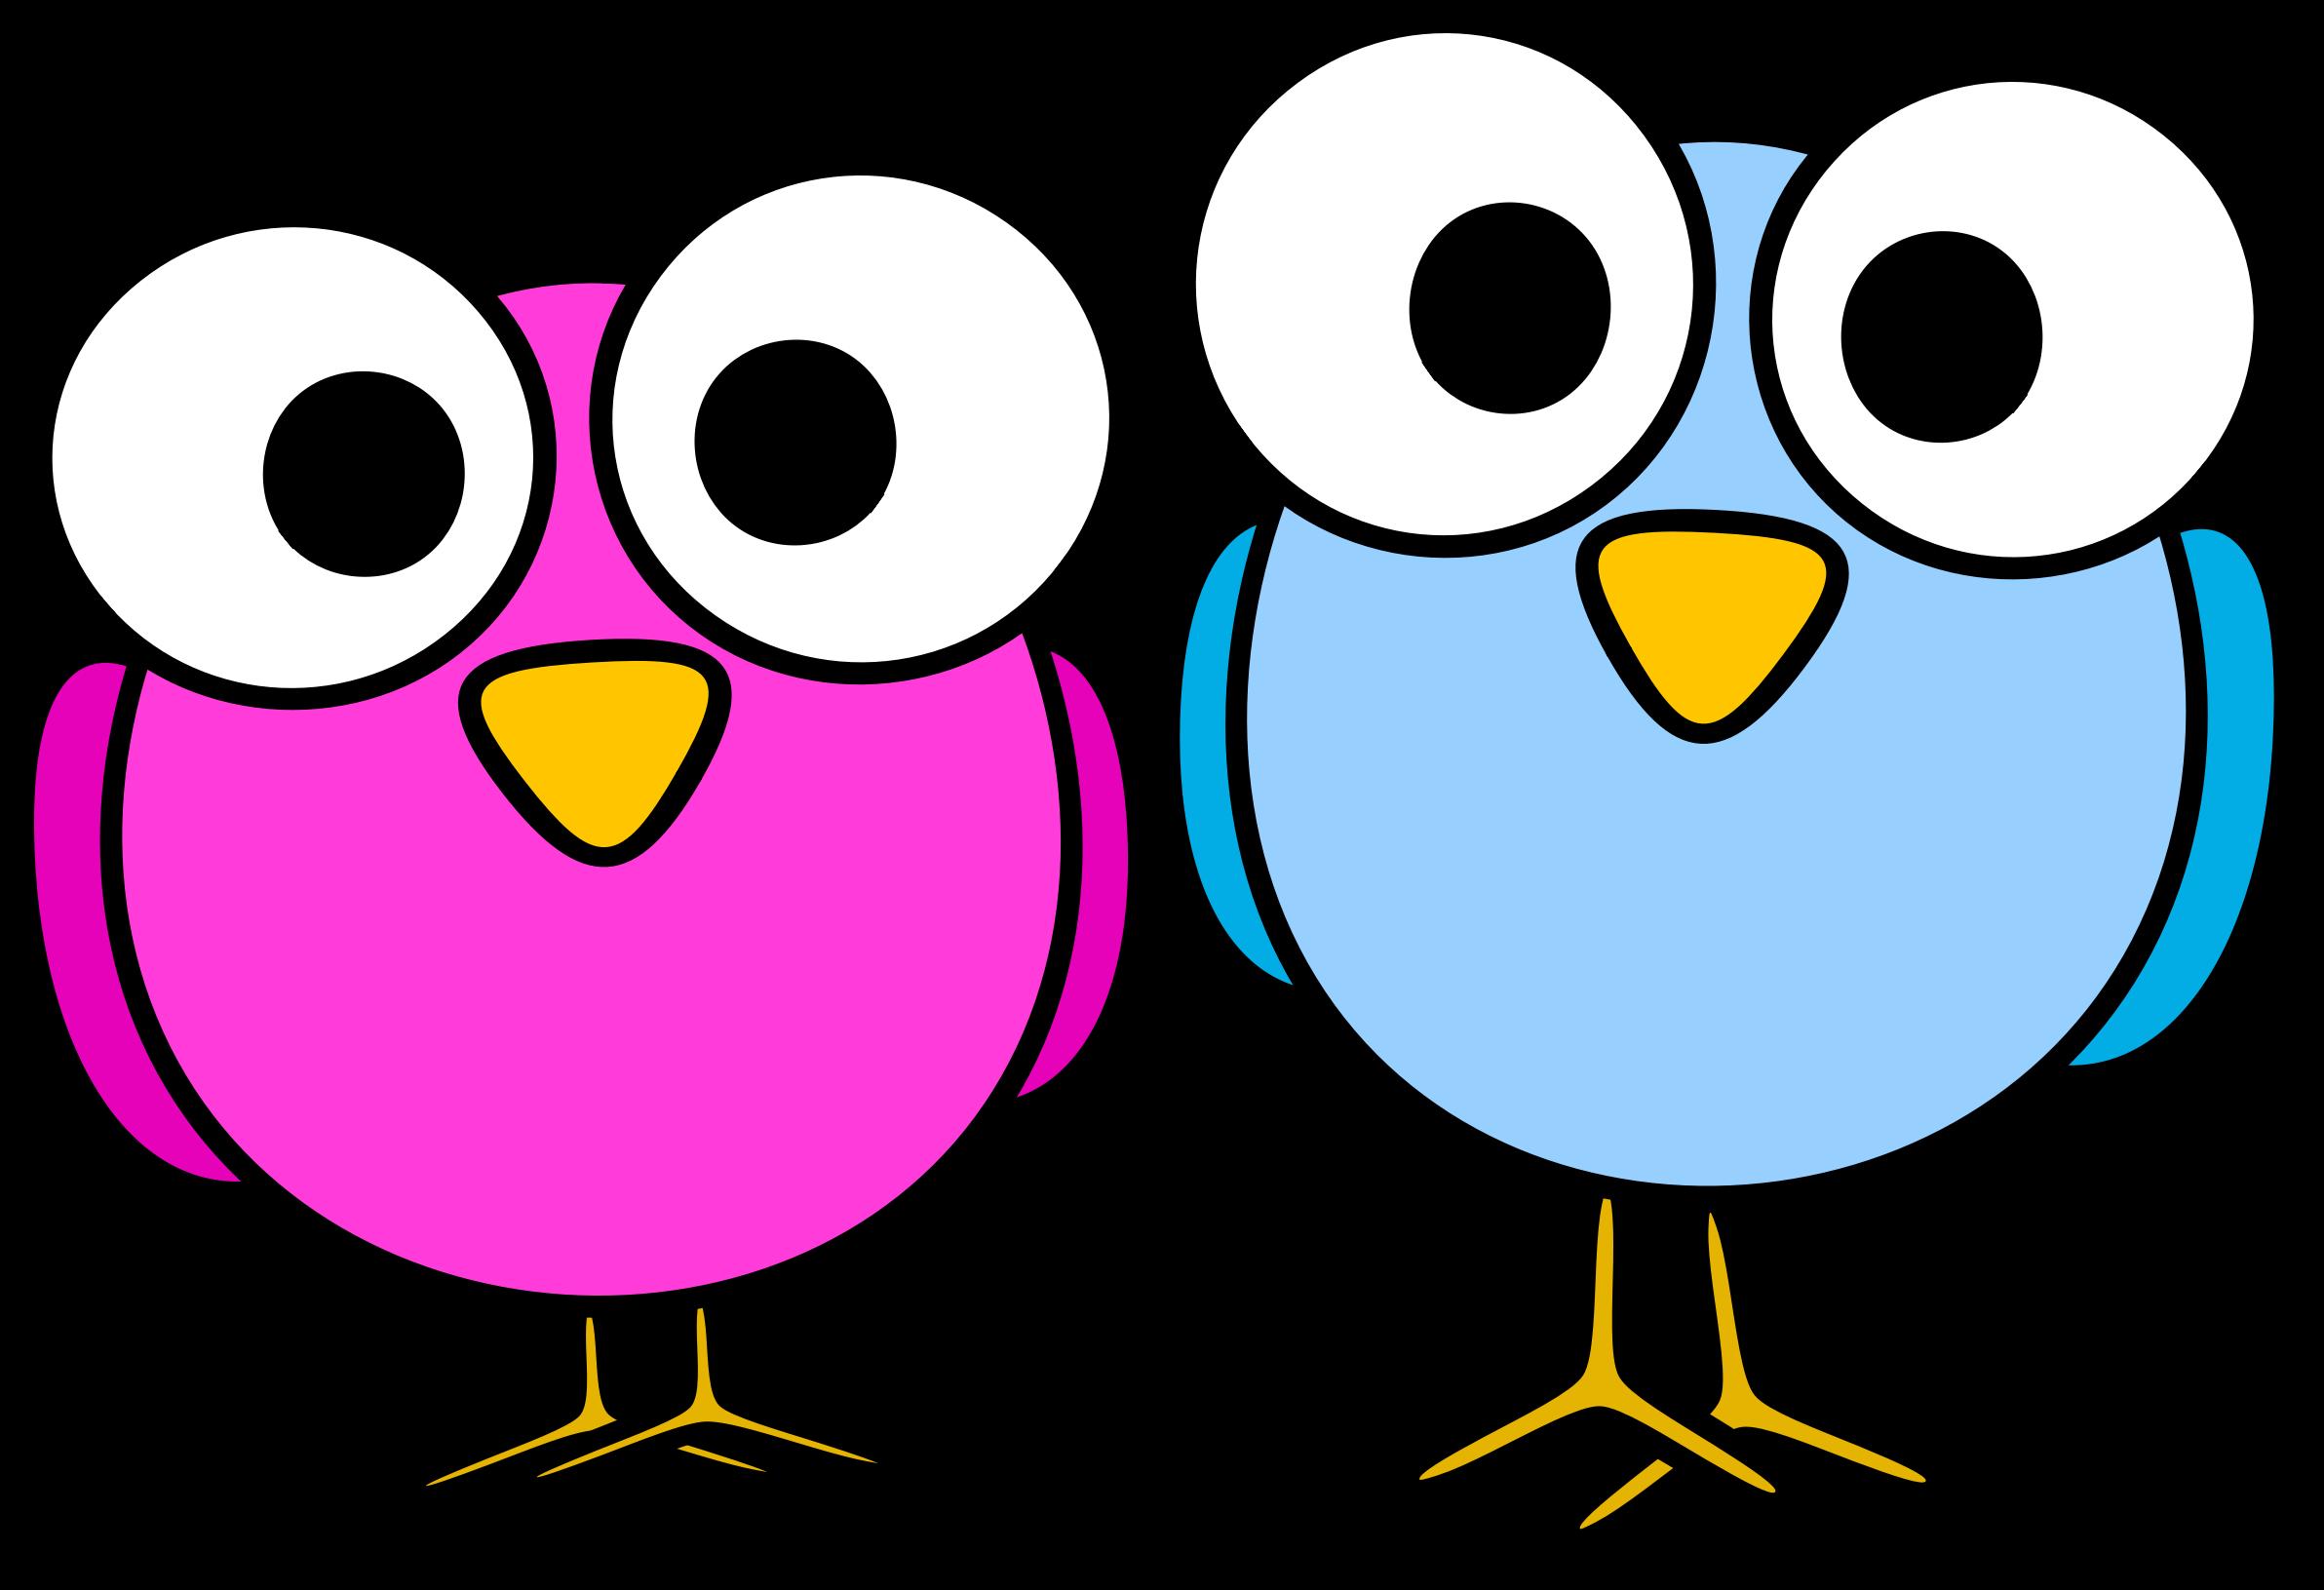 Eyeball clipart owl eyes, Eyeball owl eyes Transparent ...